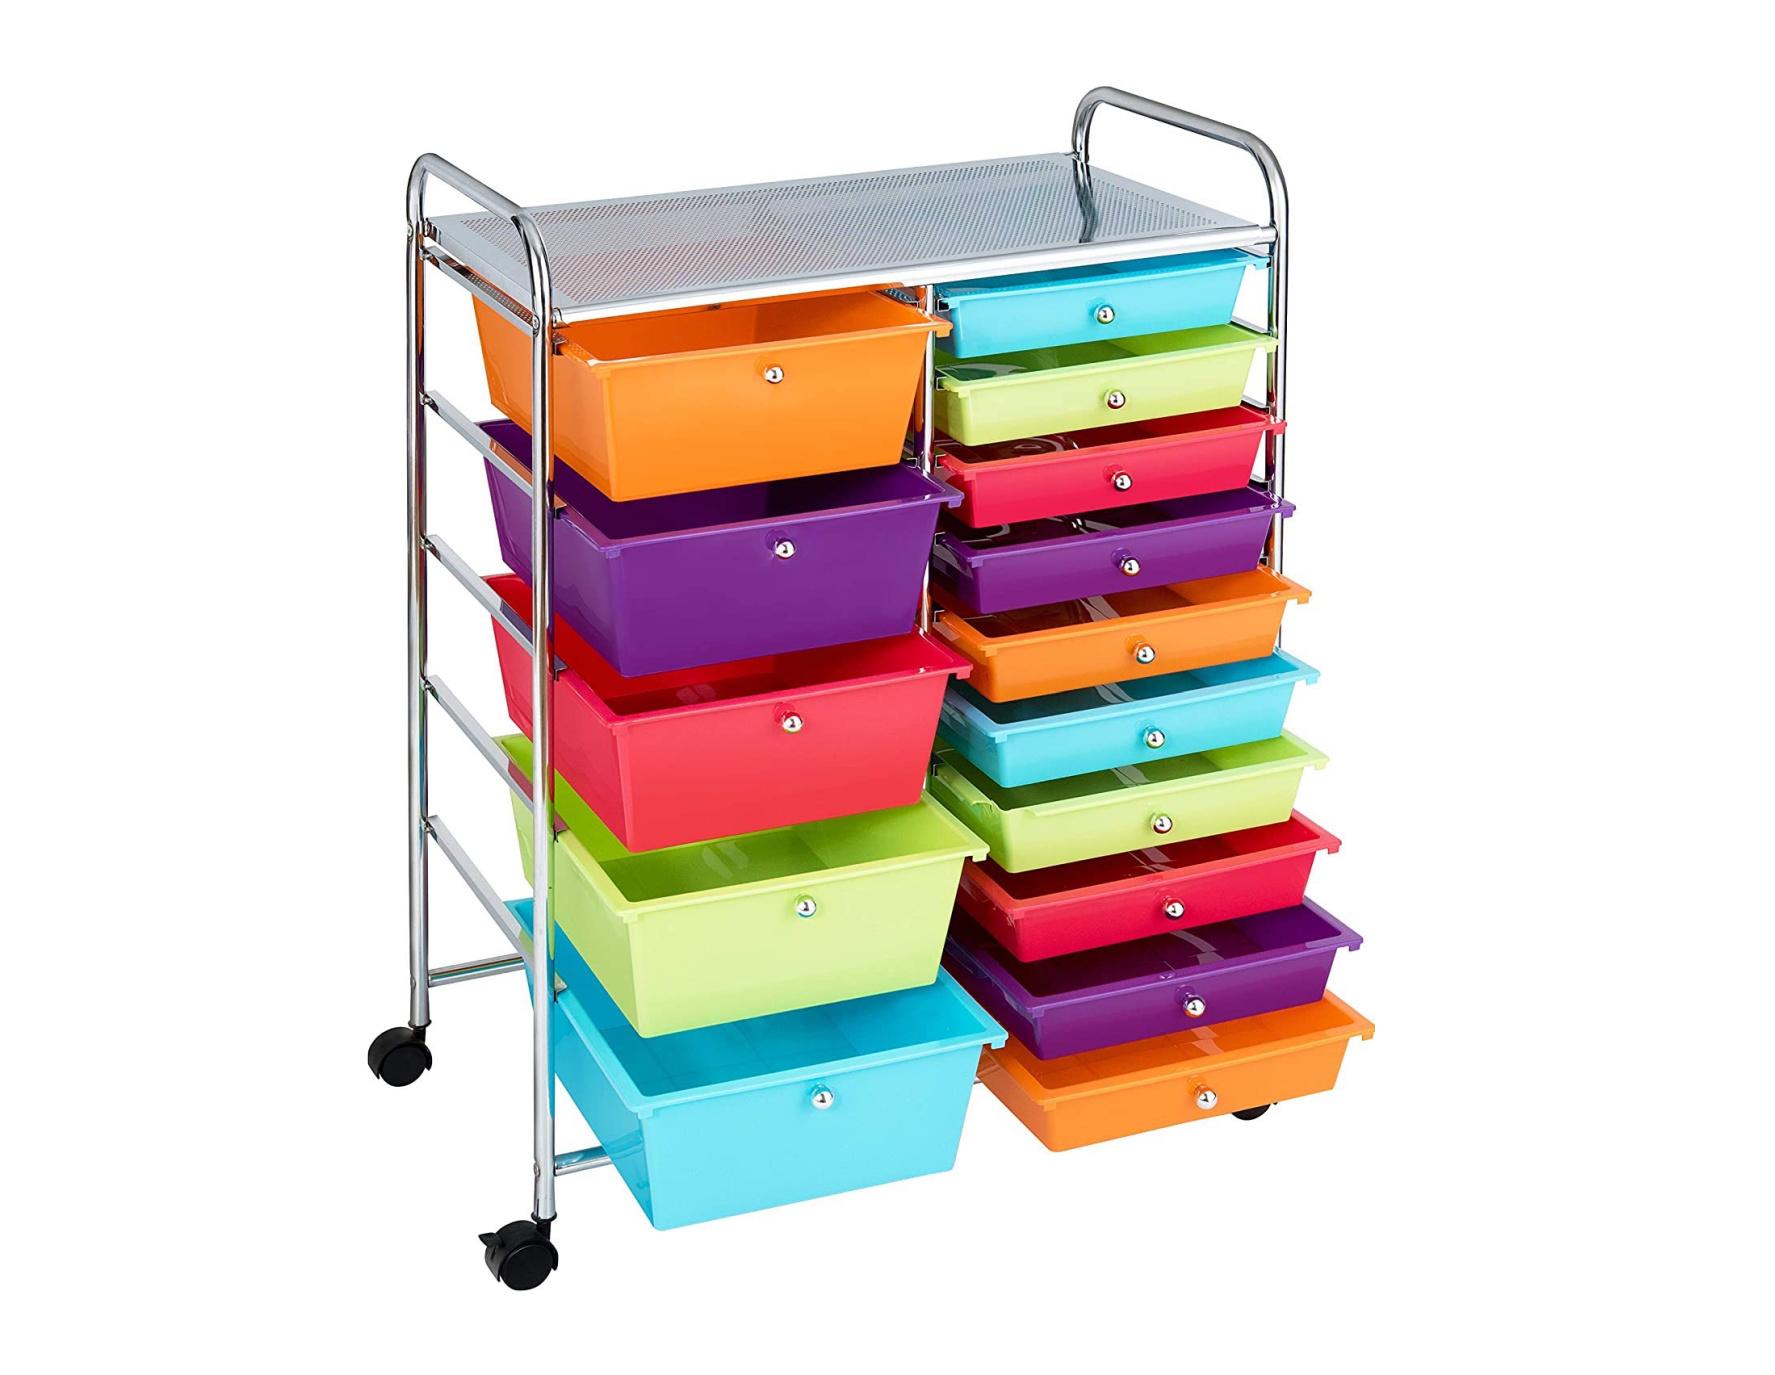 Giantex 15-Drawer Organizer Cart Office School Storage Cart Rolling Drawer Cart